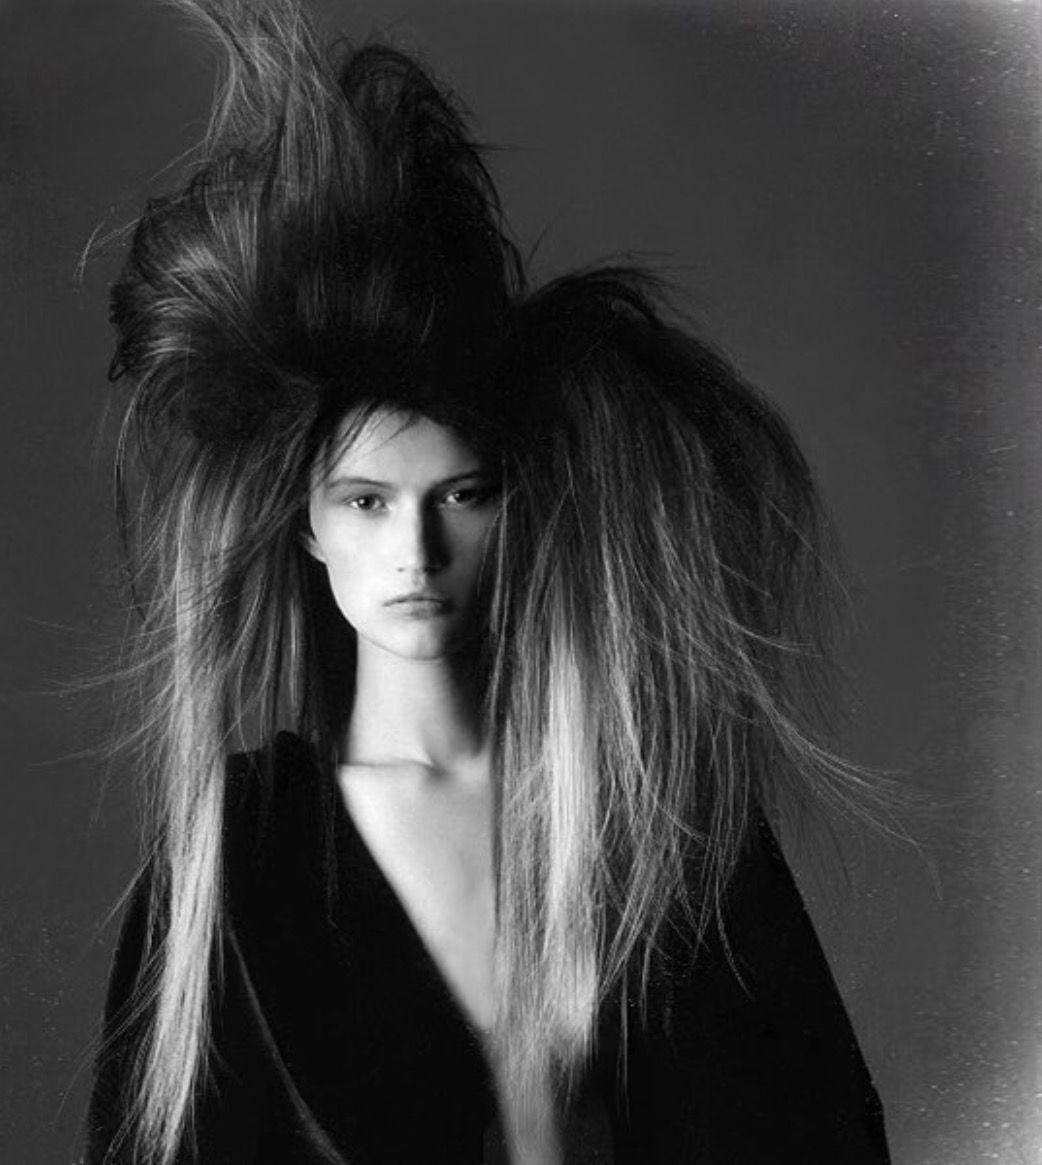 Avant Garde Haircuts Hair Cuts Cut Hairstyles Style Hairdos Haircut Styles